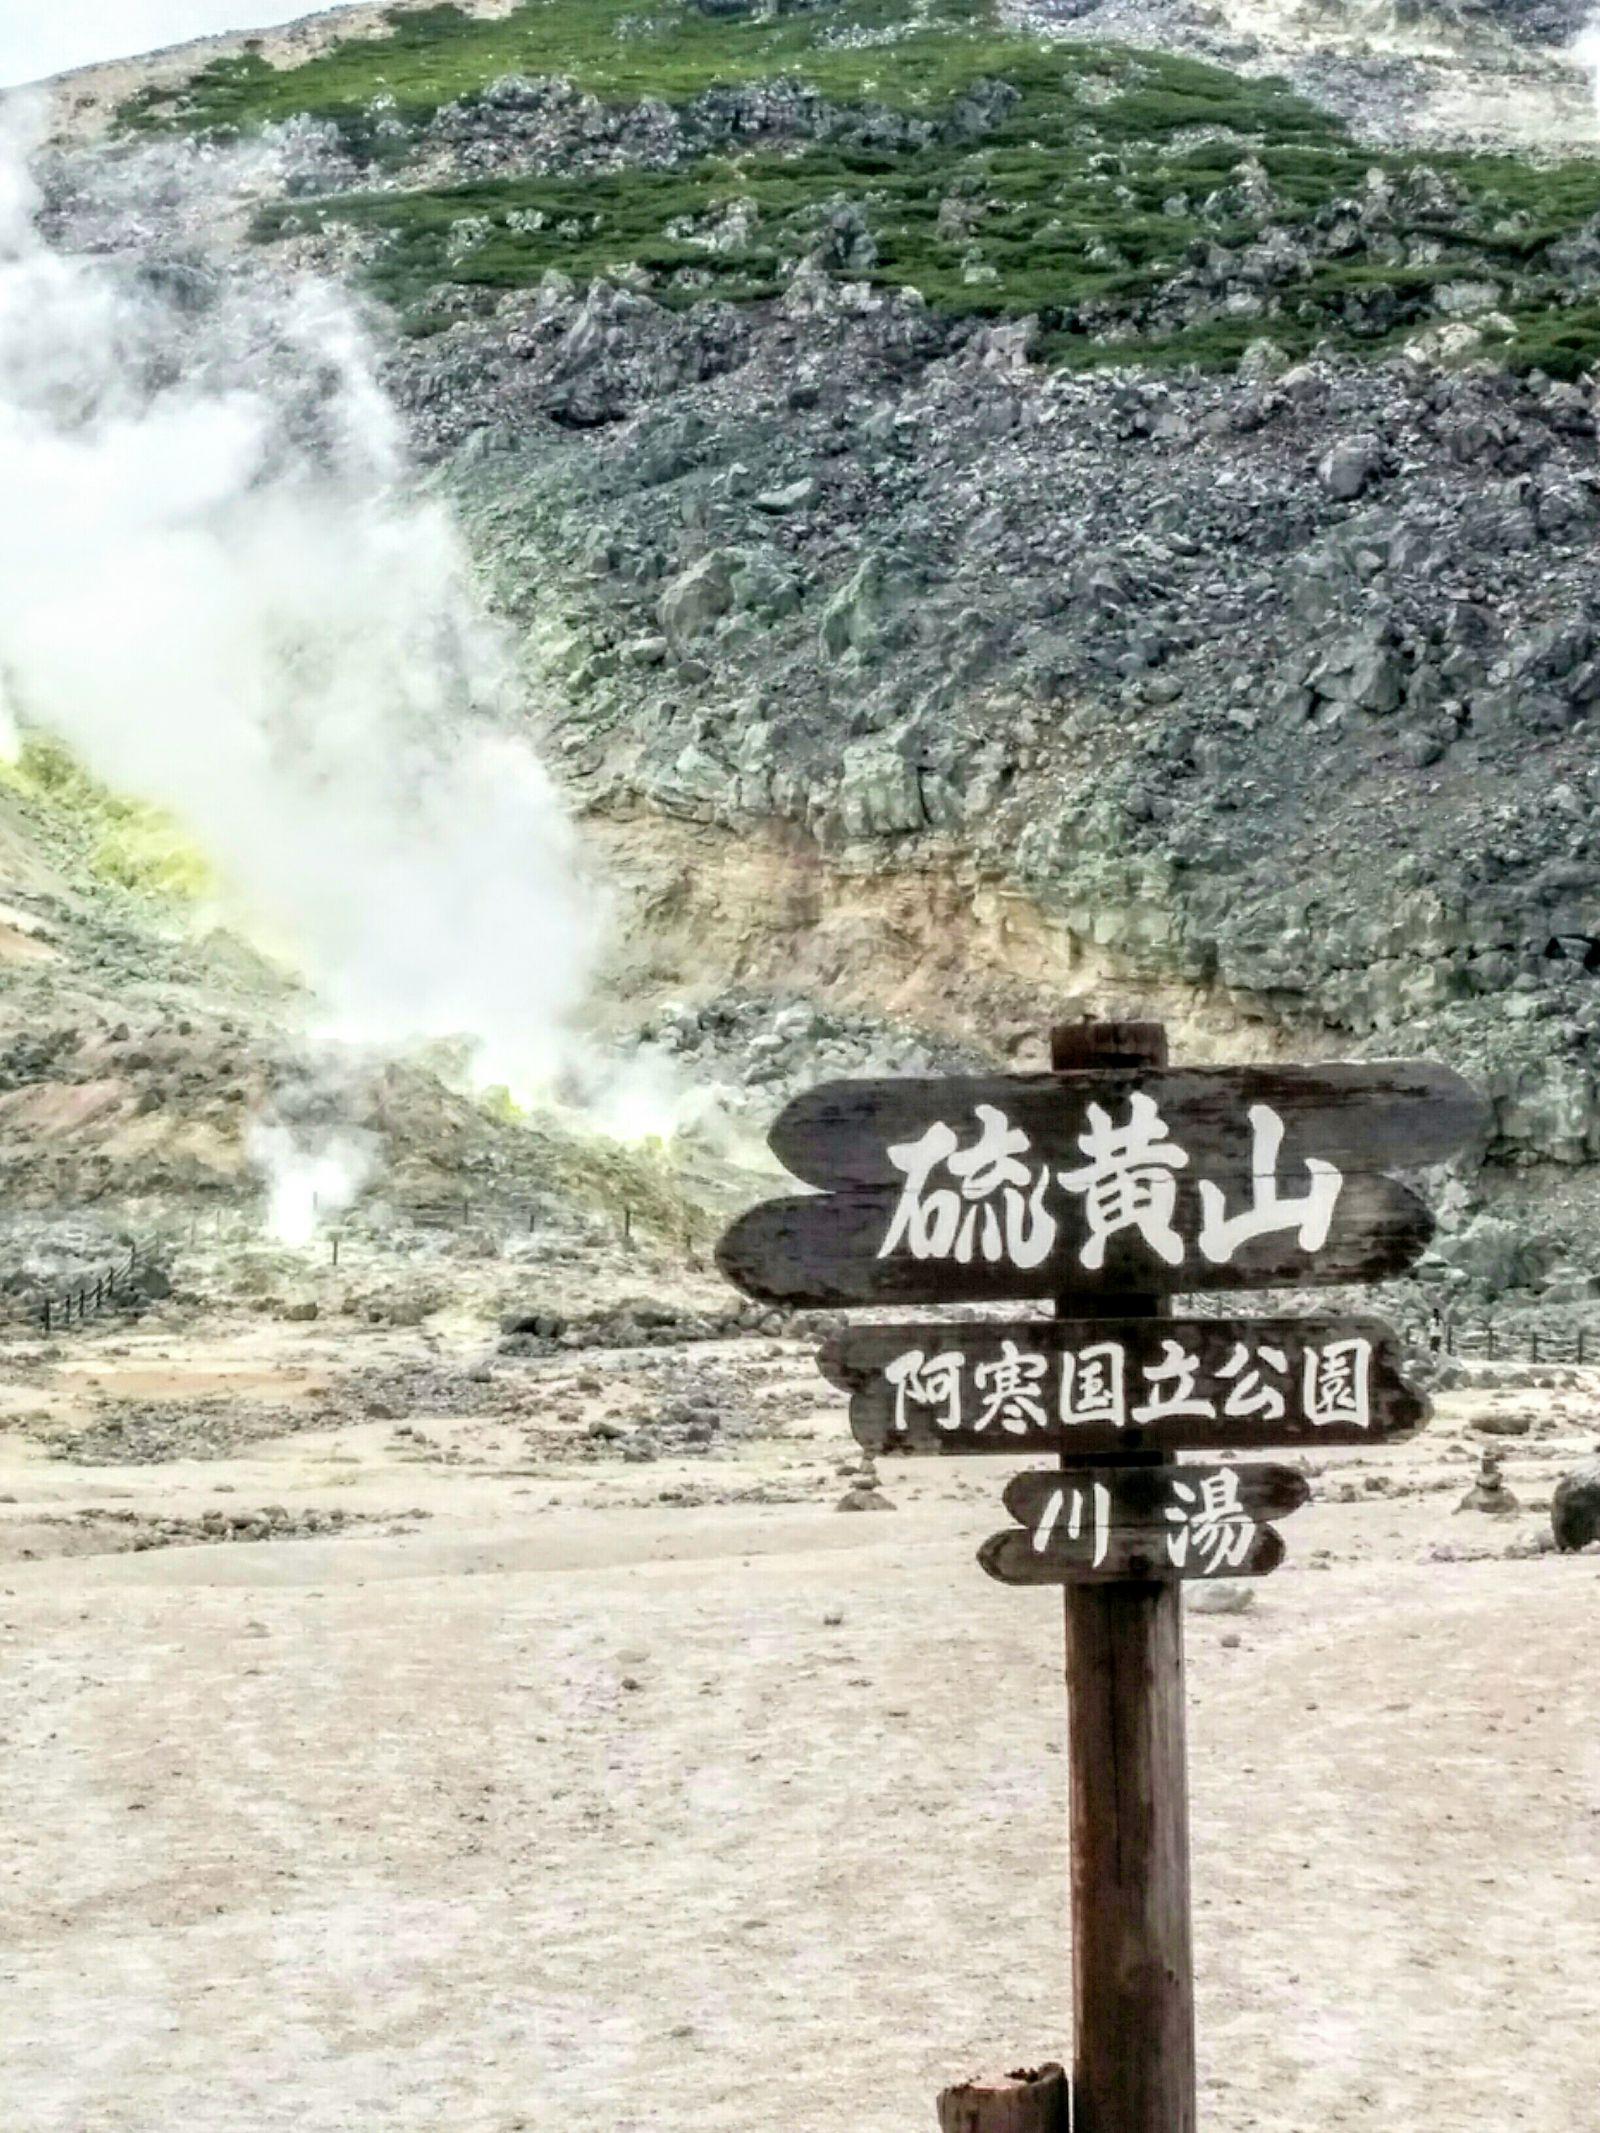 【硫黄山観光貸切タクシー・ジャンボタクシー】硫黄山観光案内です。